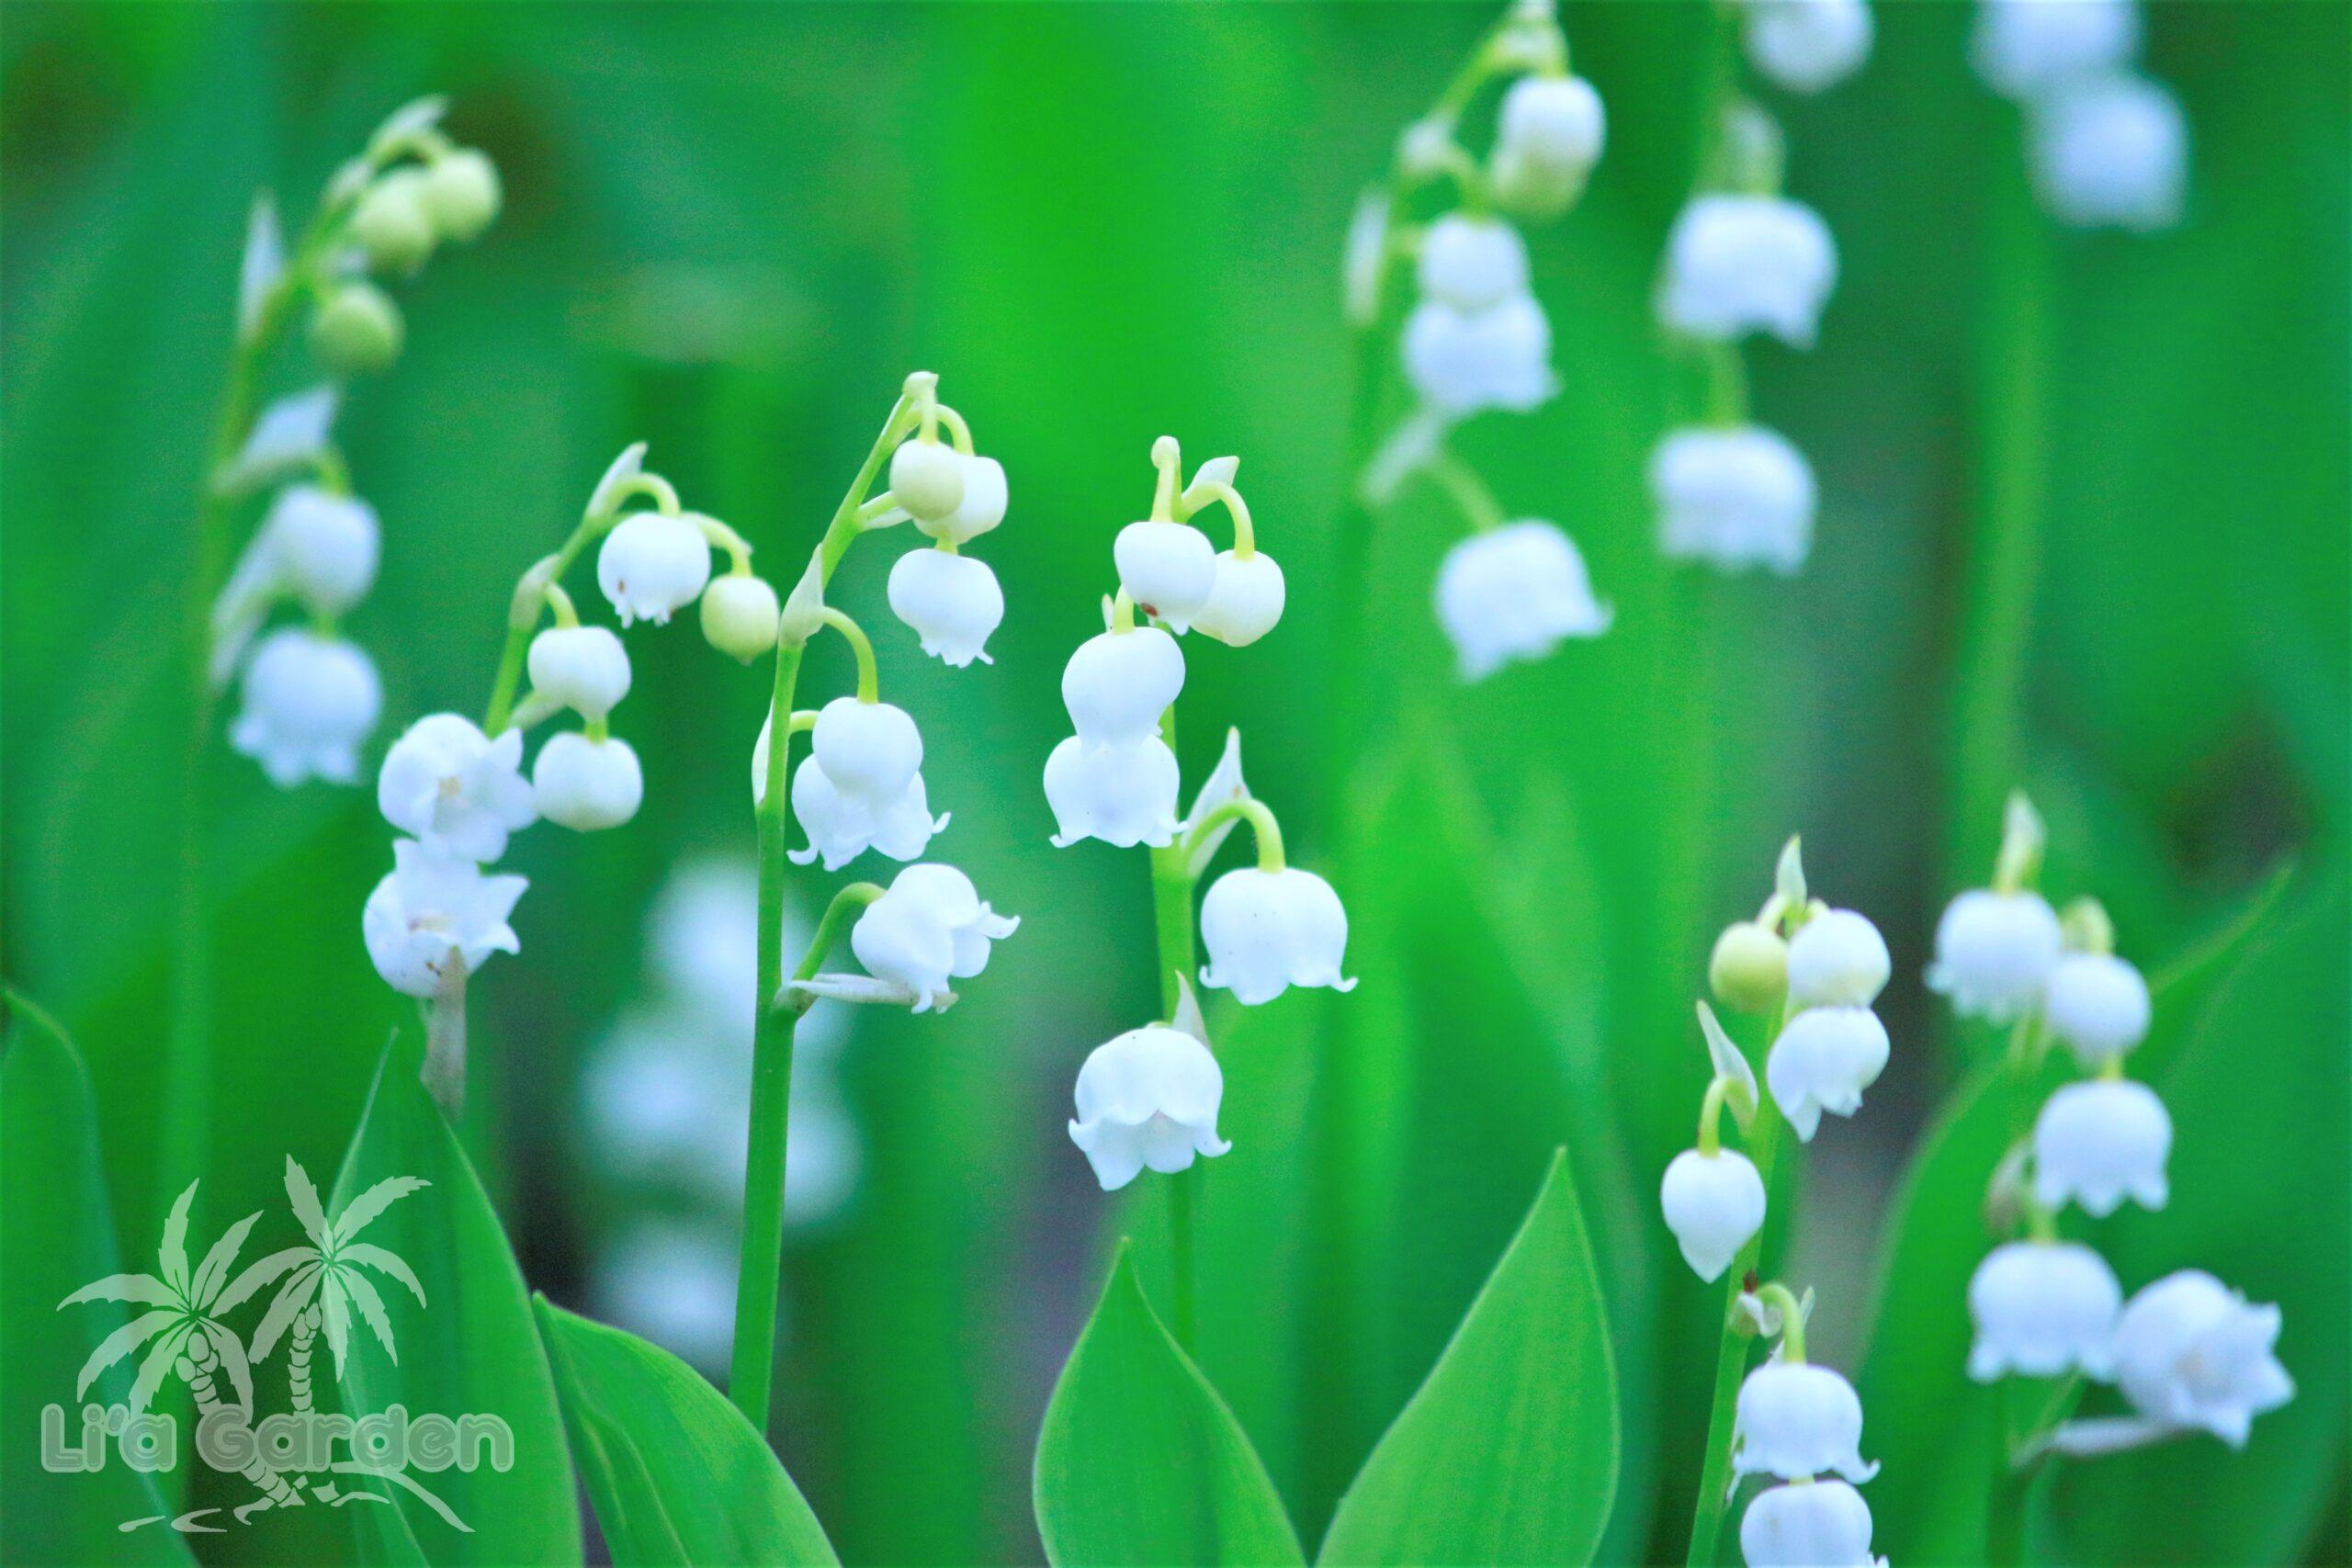 【草本類】 ドイツスズラン Convallaria majalis 〈落葉多年草(球根類)〉